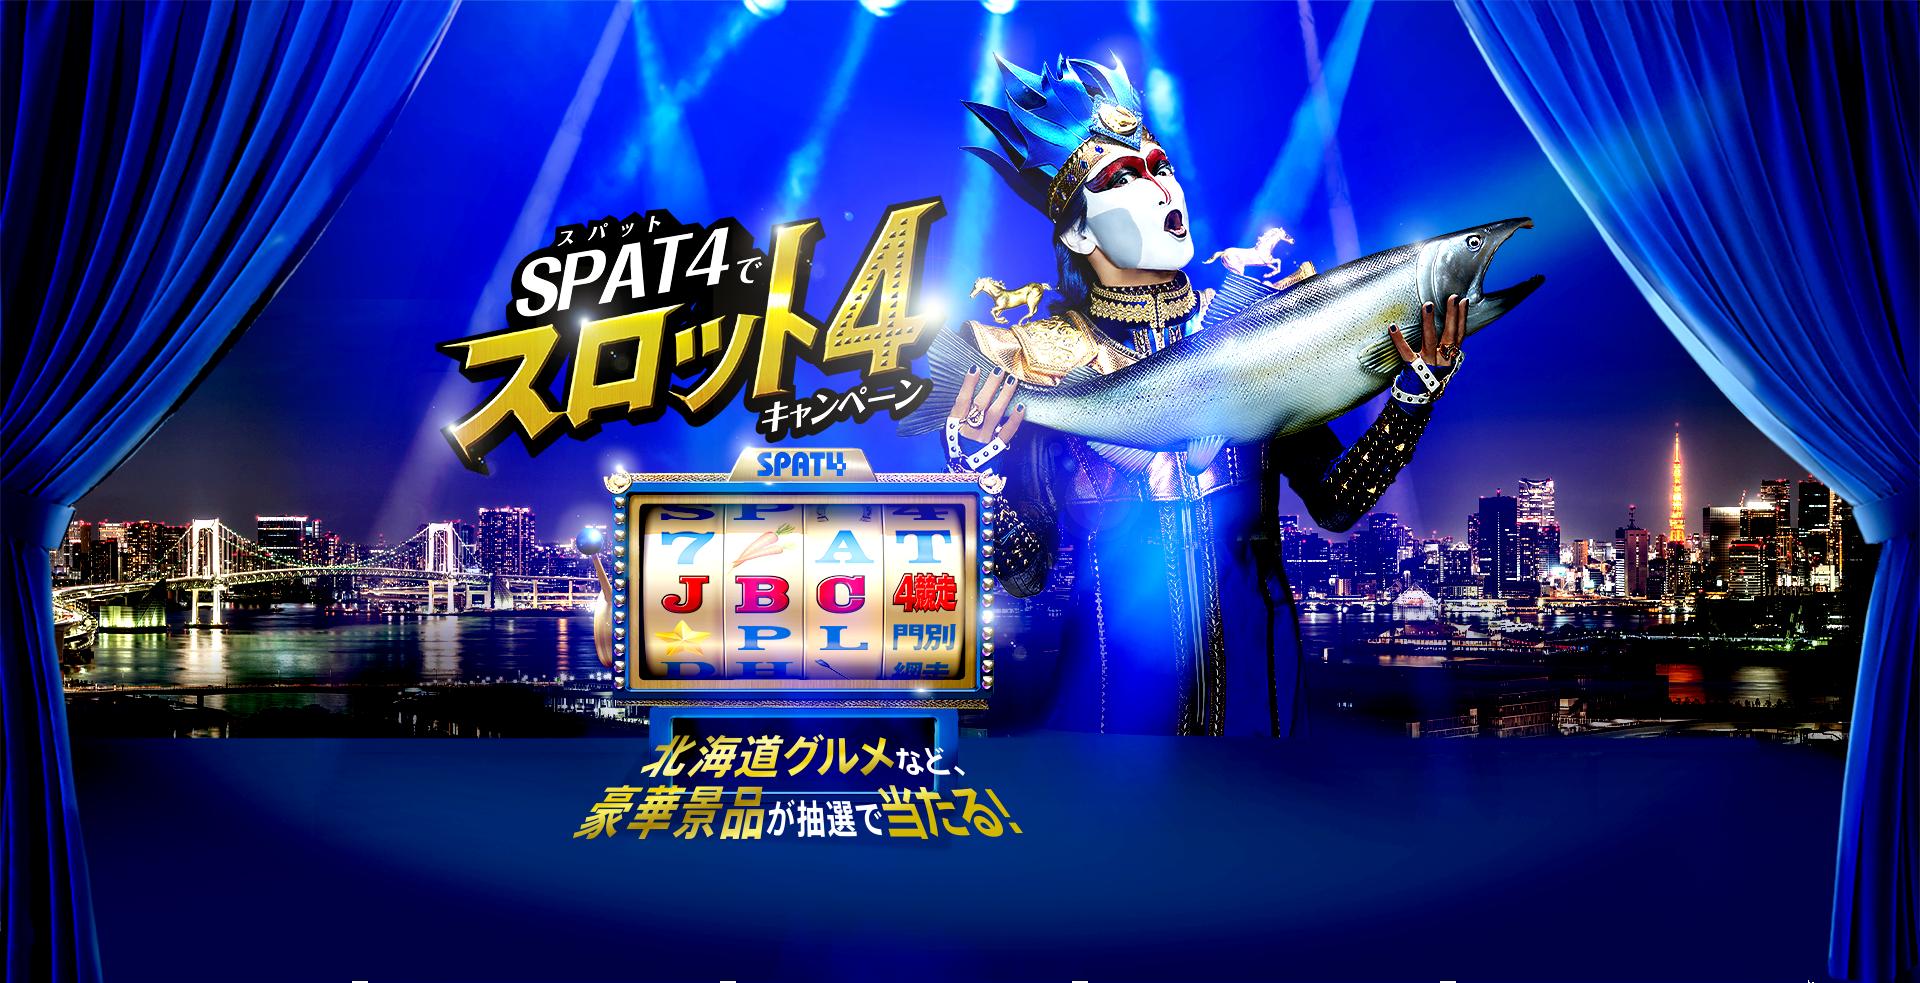 地方競馬のSPAT4でアマゾンギフト券500円分が4920名、北海道グルメなどが80名に当たる。~11/3。